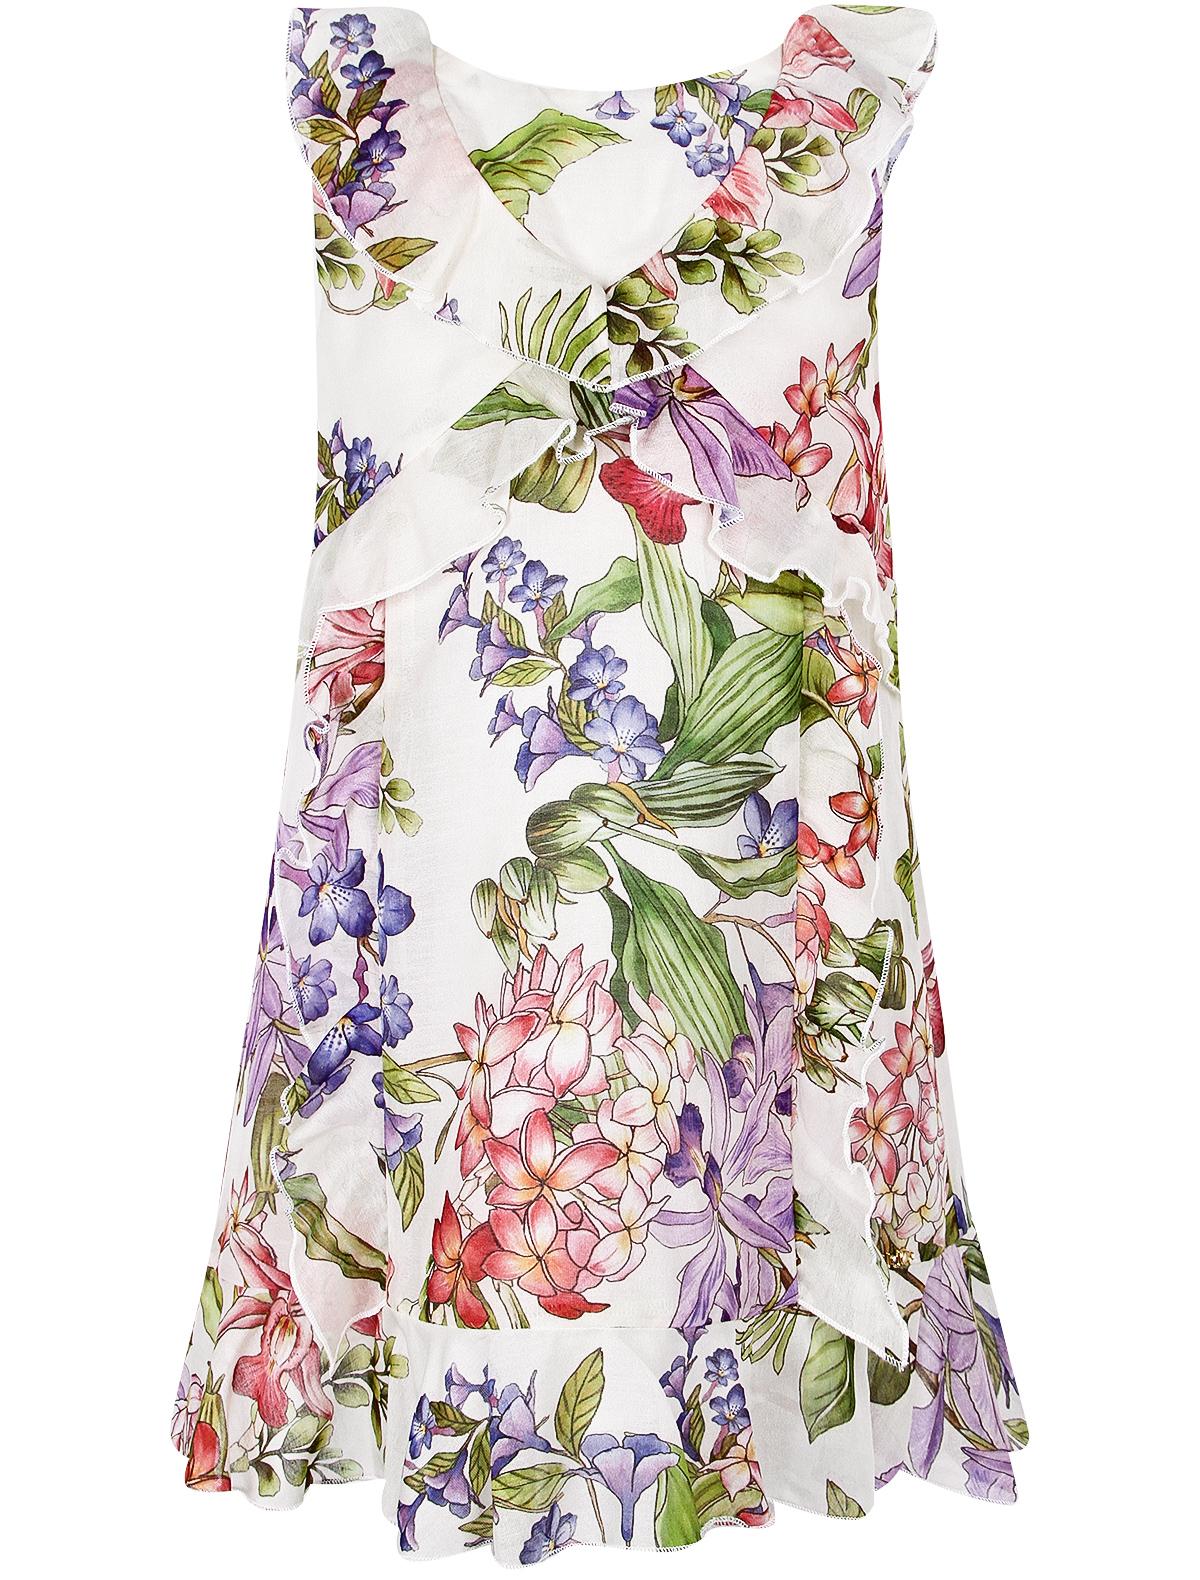 Купить 1951985, Платье Liu Jo Junior, разноцветный, Женский, 1052109970011